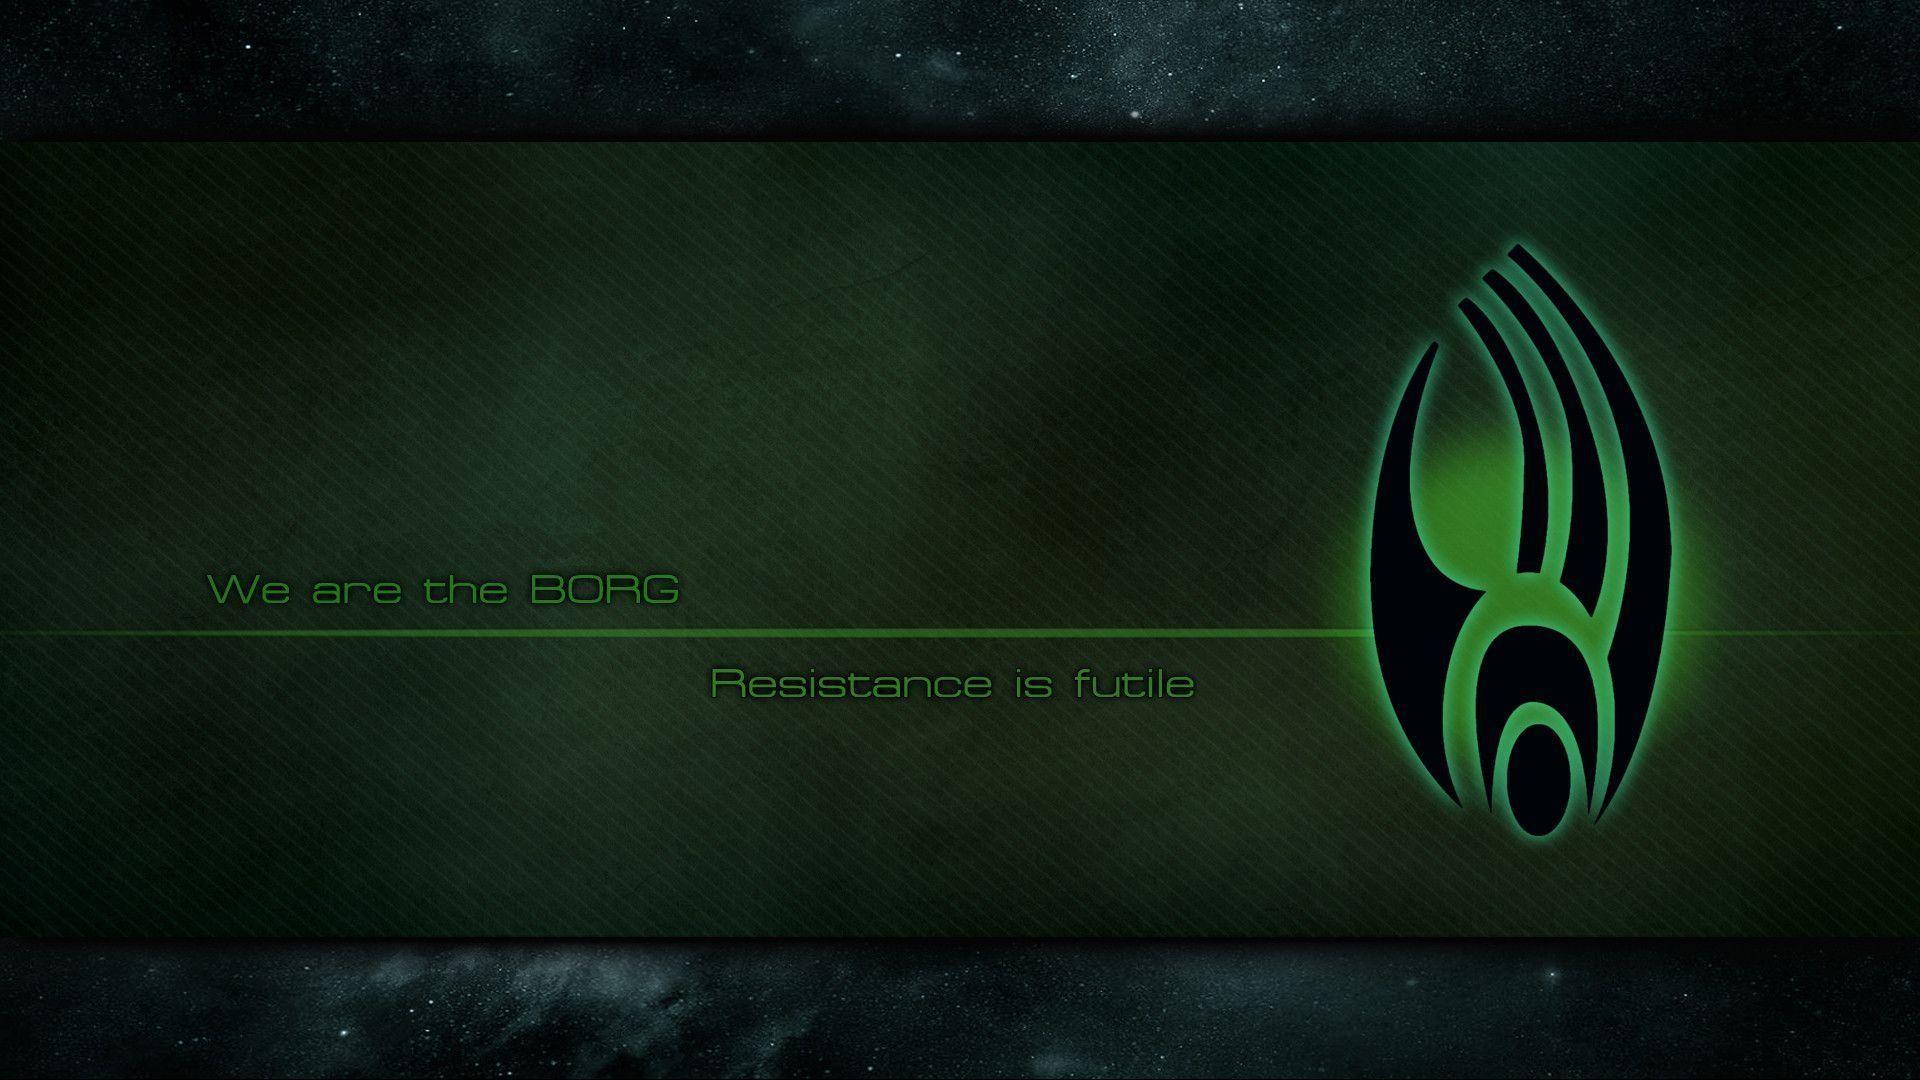 Borg logo wallpaper by shatinn on DeviantArt